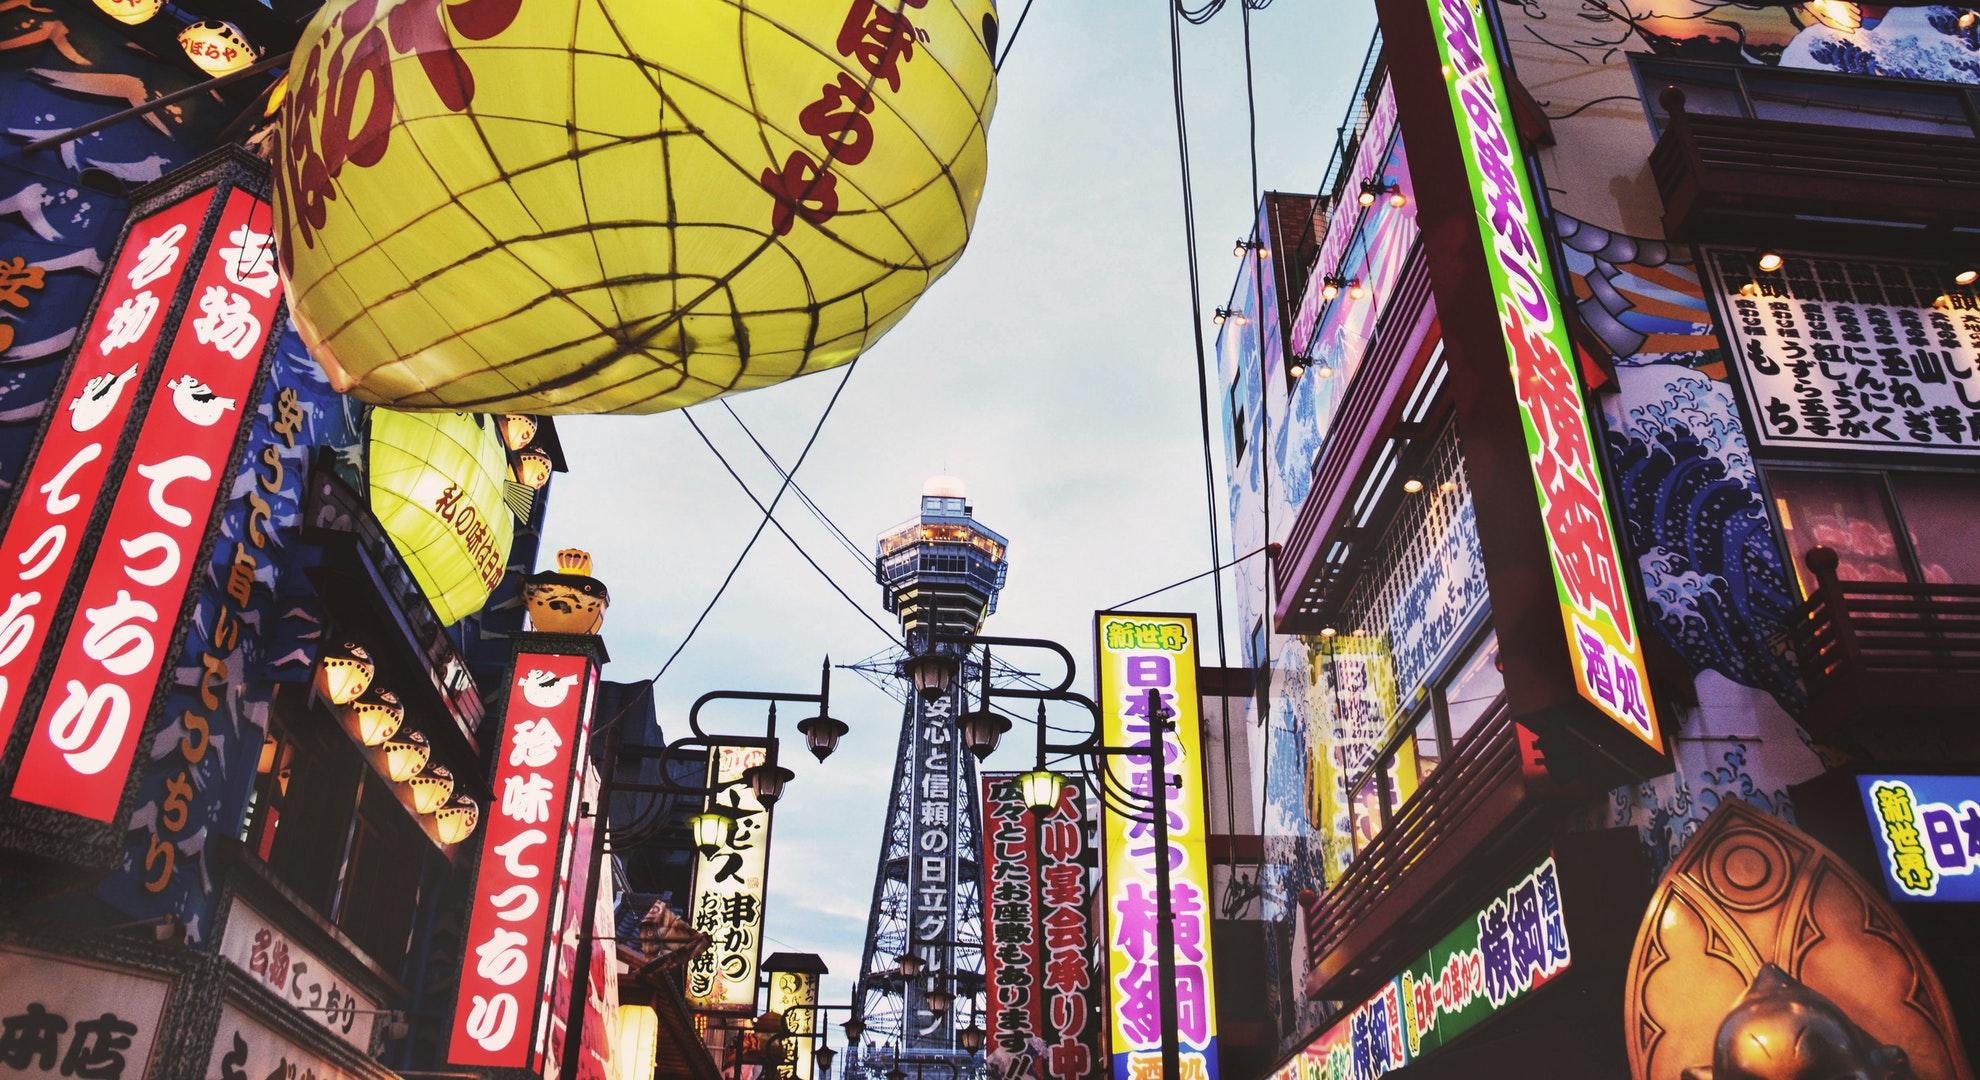 【西成】【ホテルサンプラザⅡ】大阪ホテル生活が予想以上に多く快適そうだった